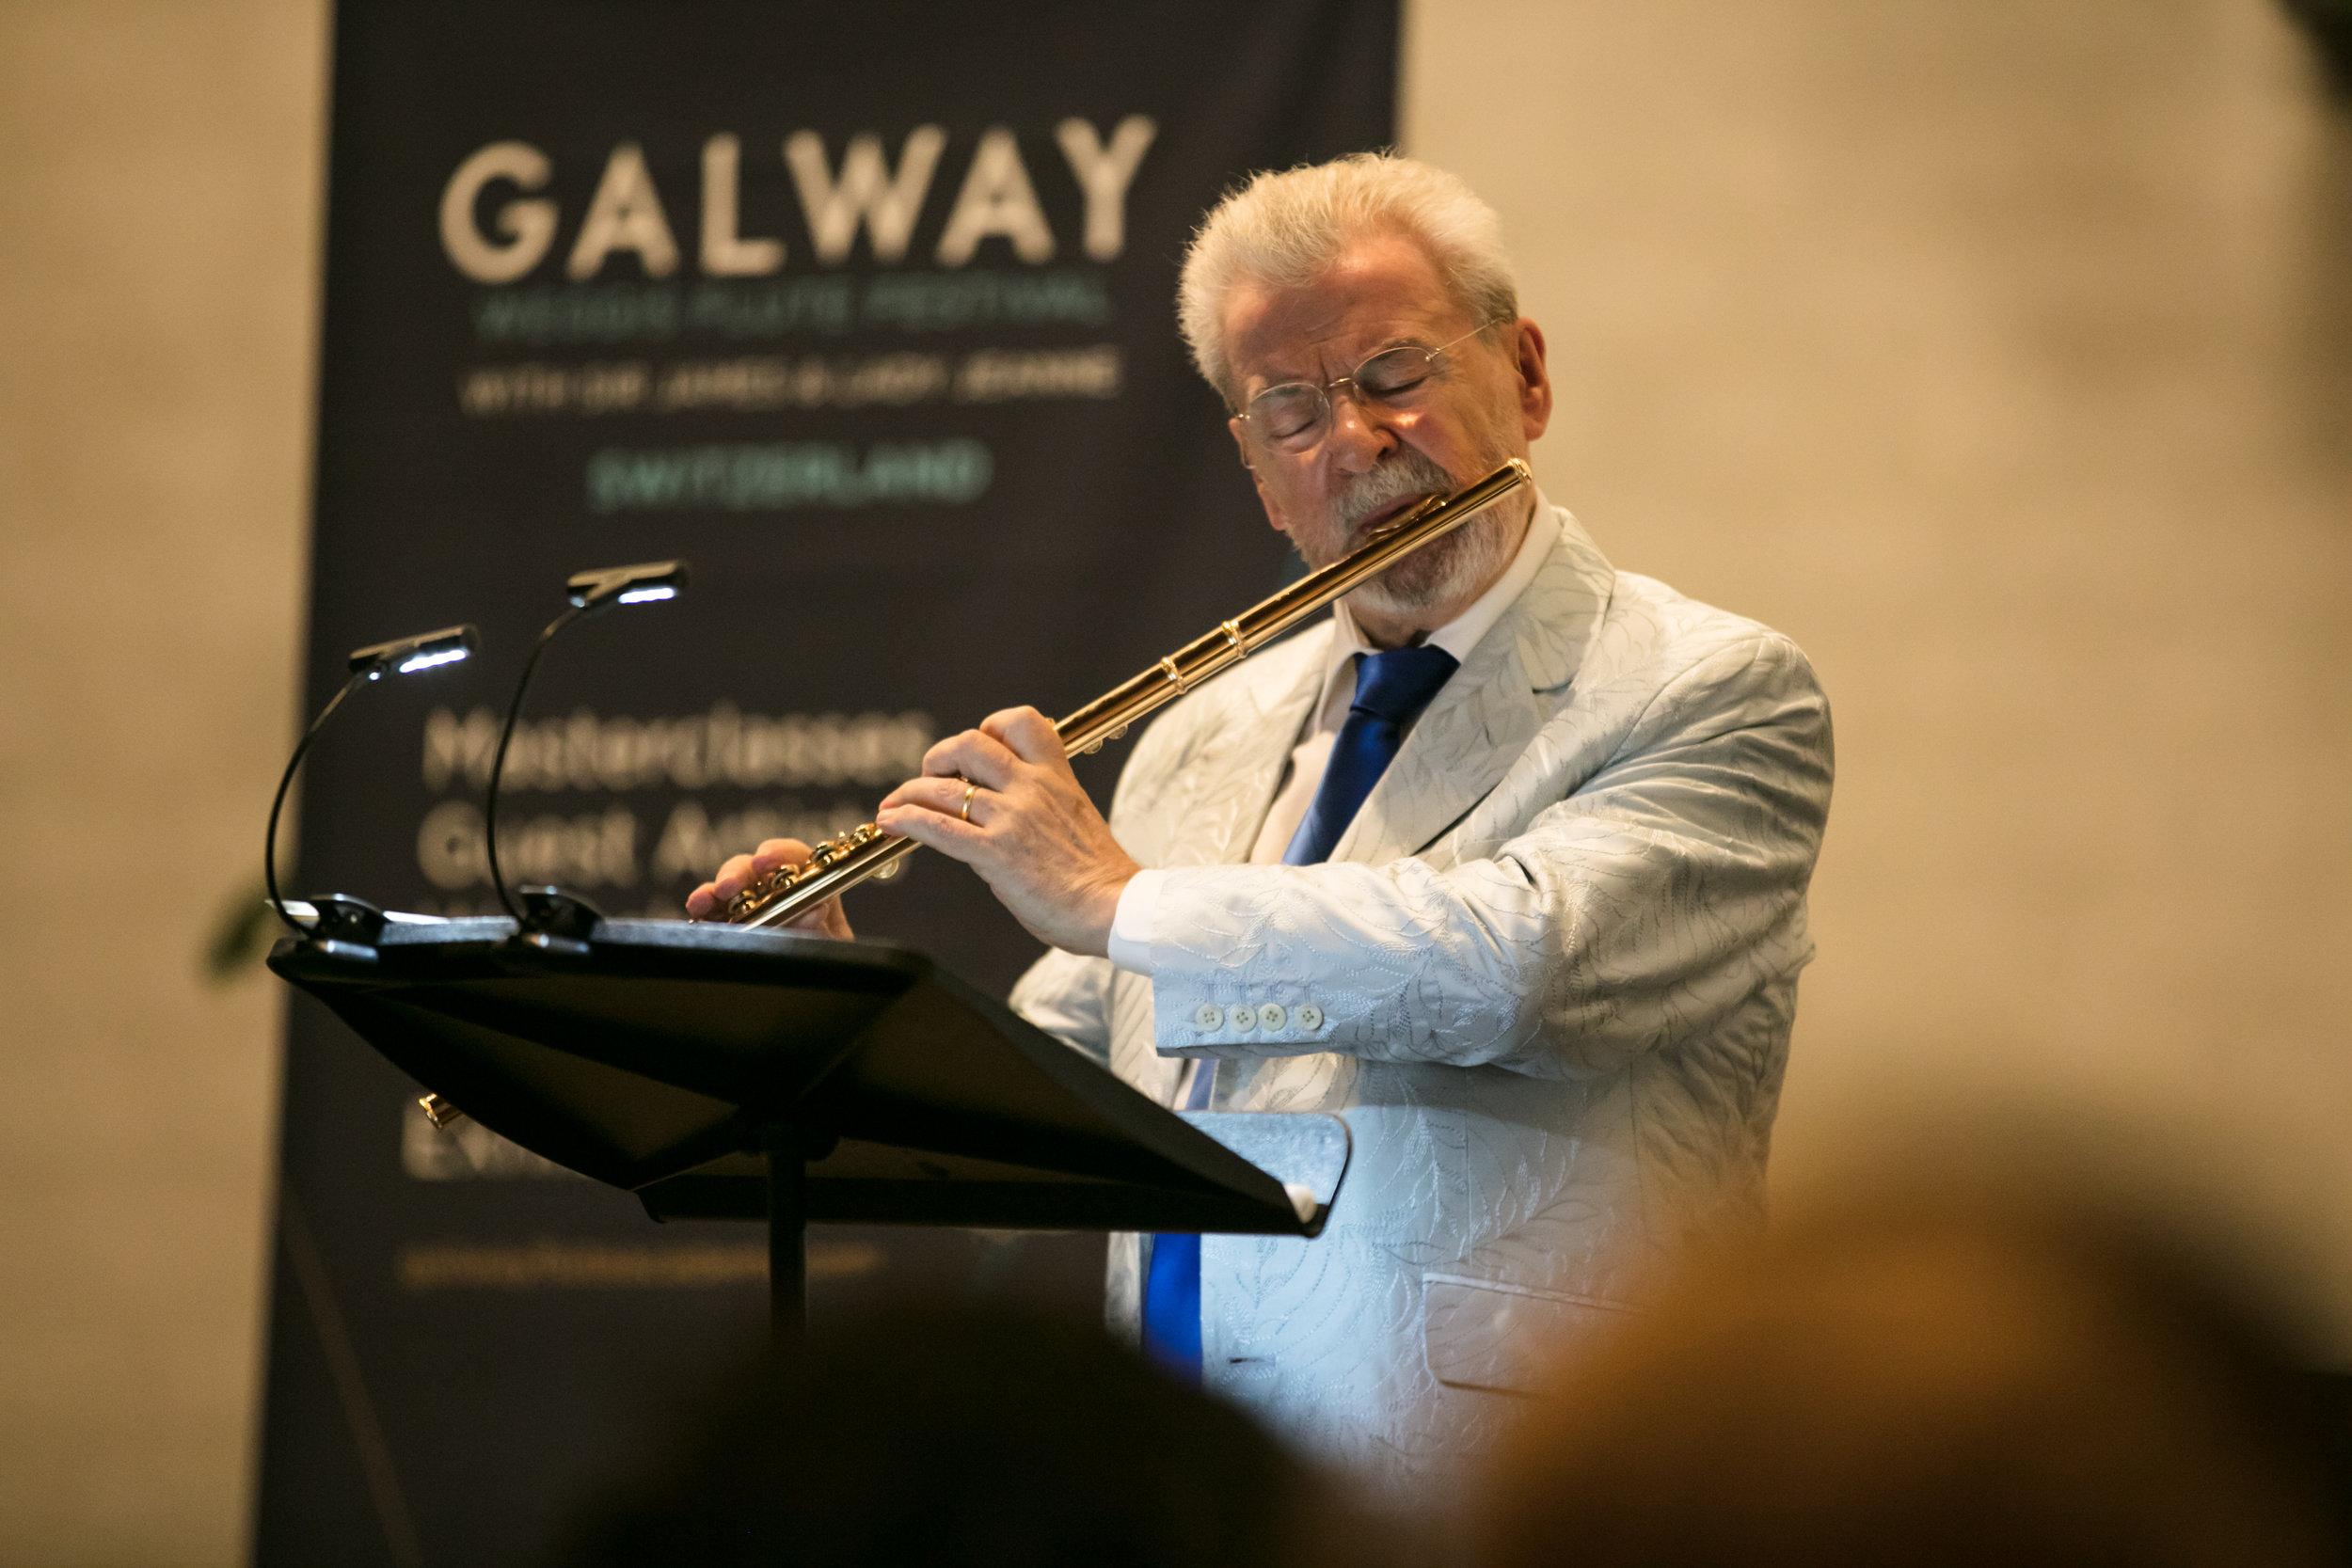 Sir James Galway